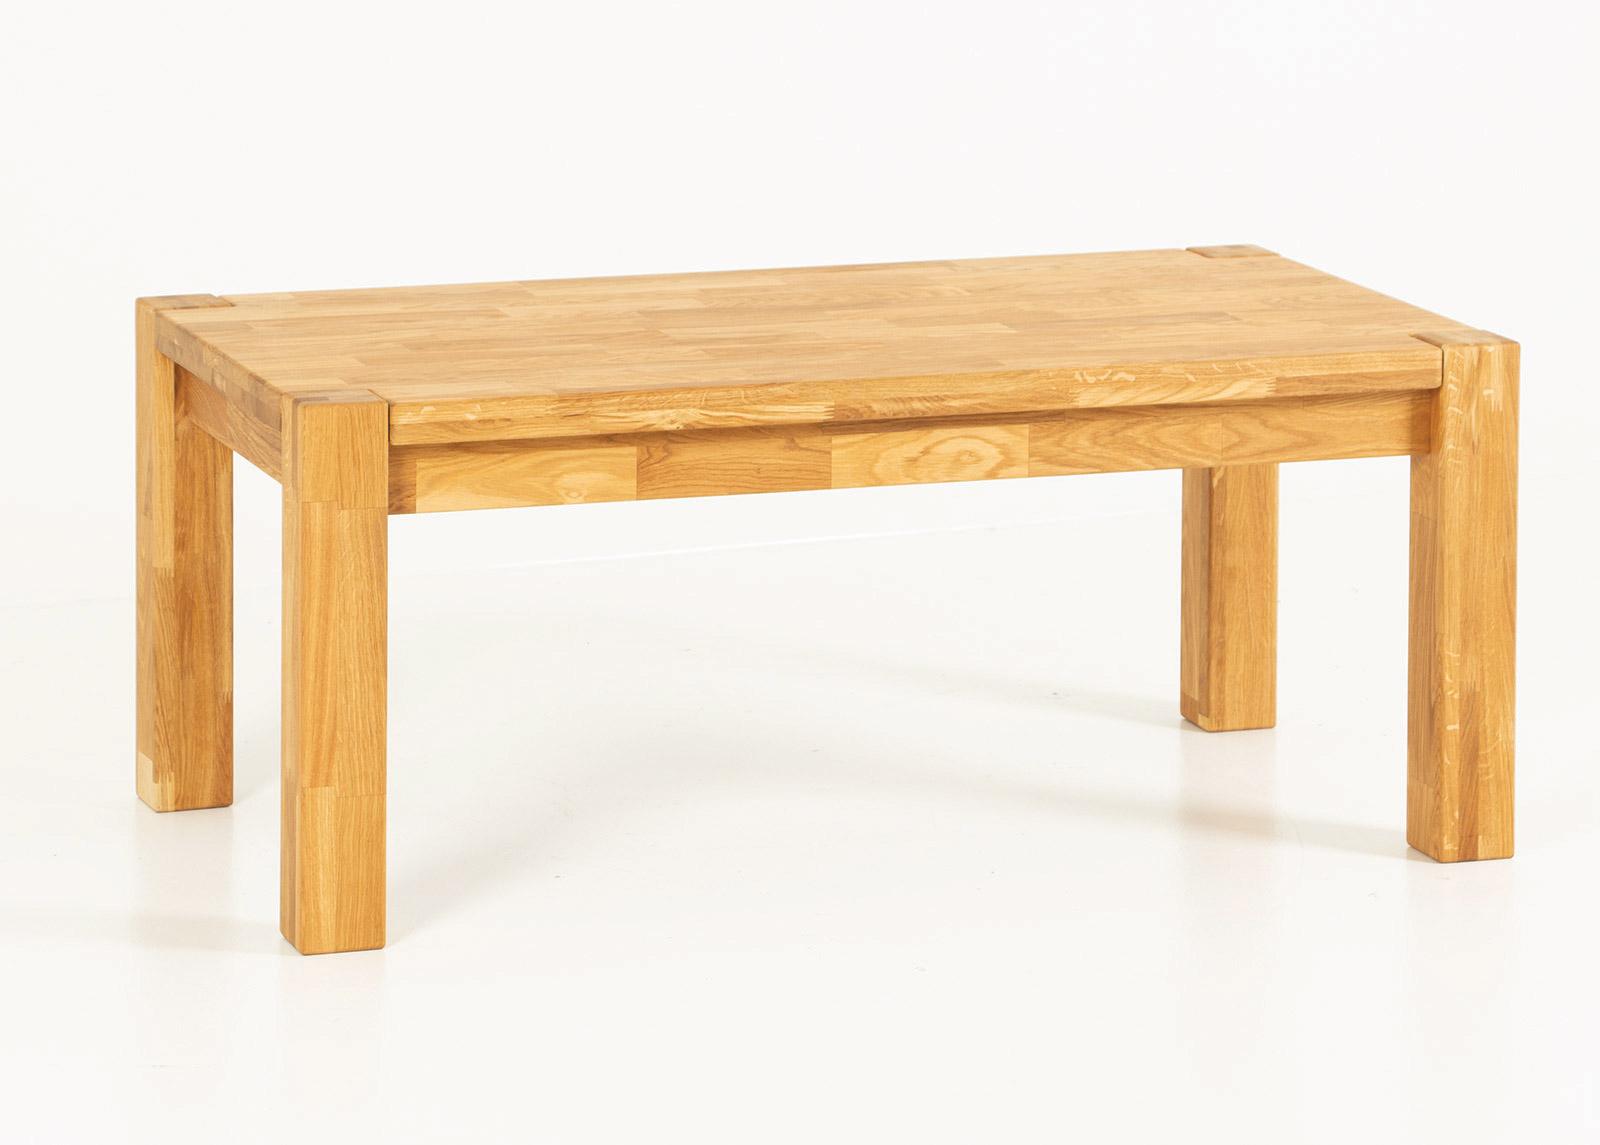 Tammi sohvapöytä 120x65 cm